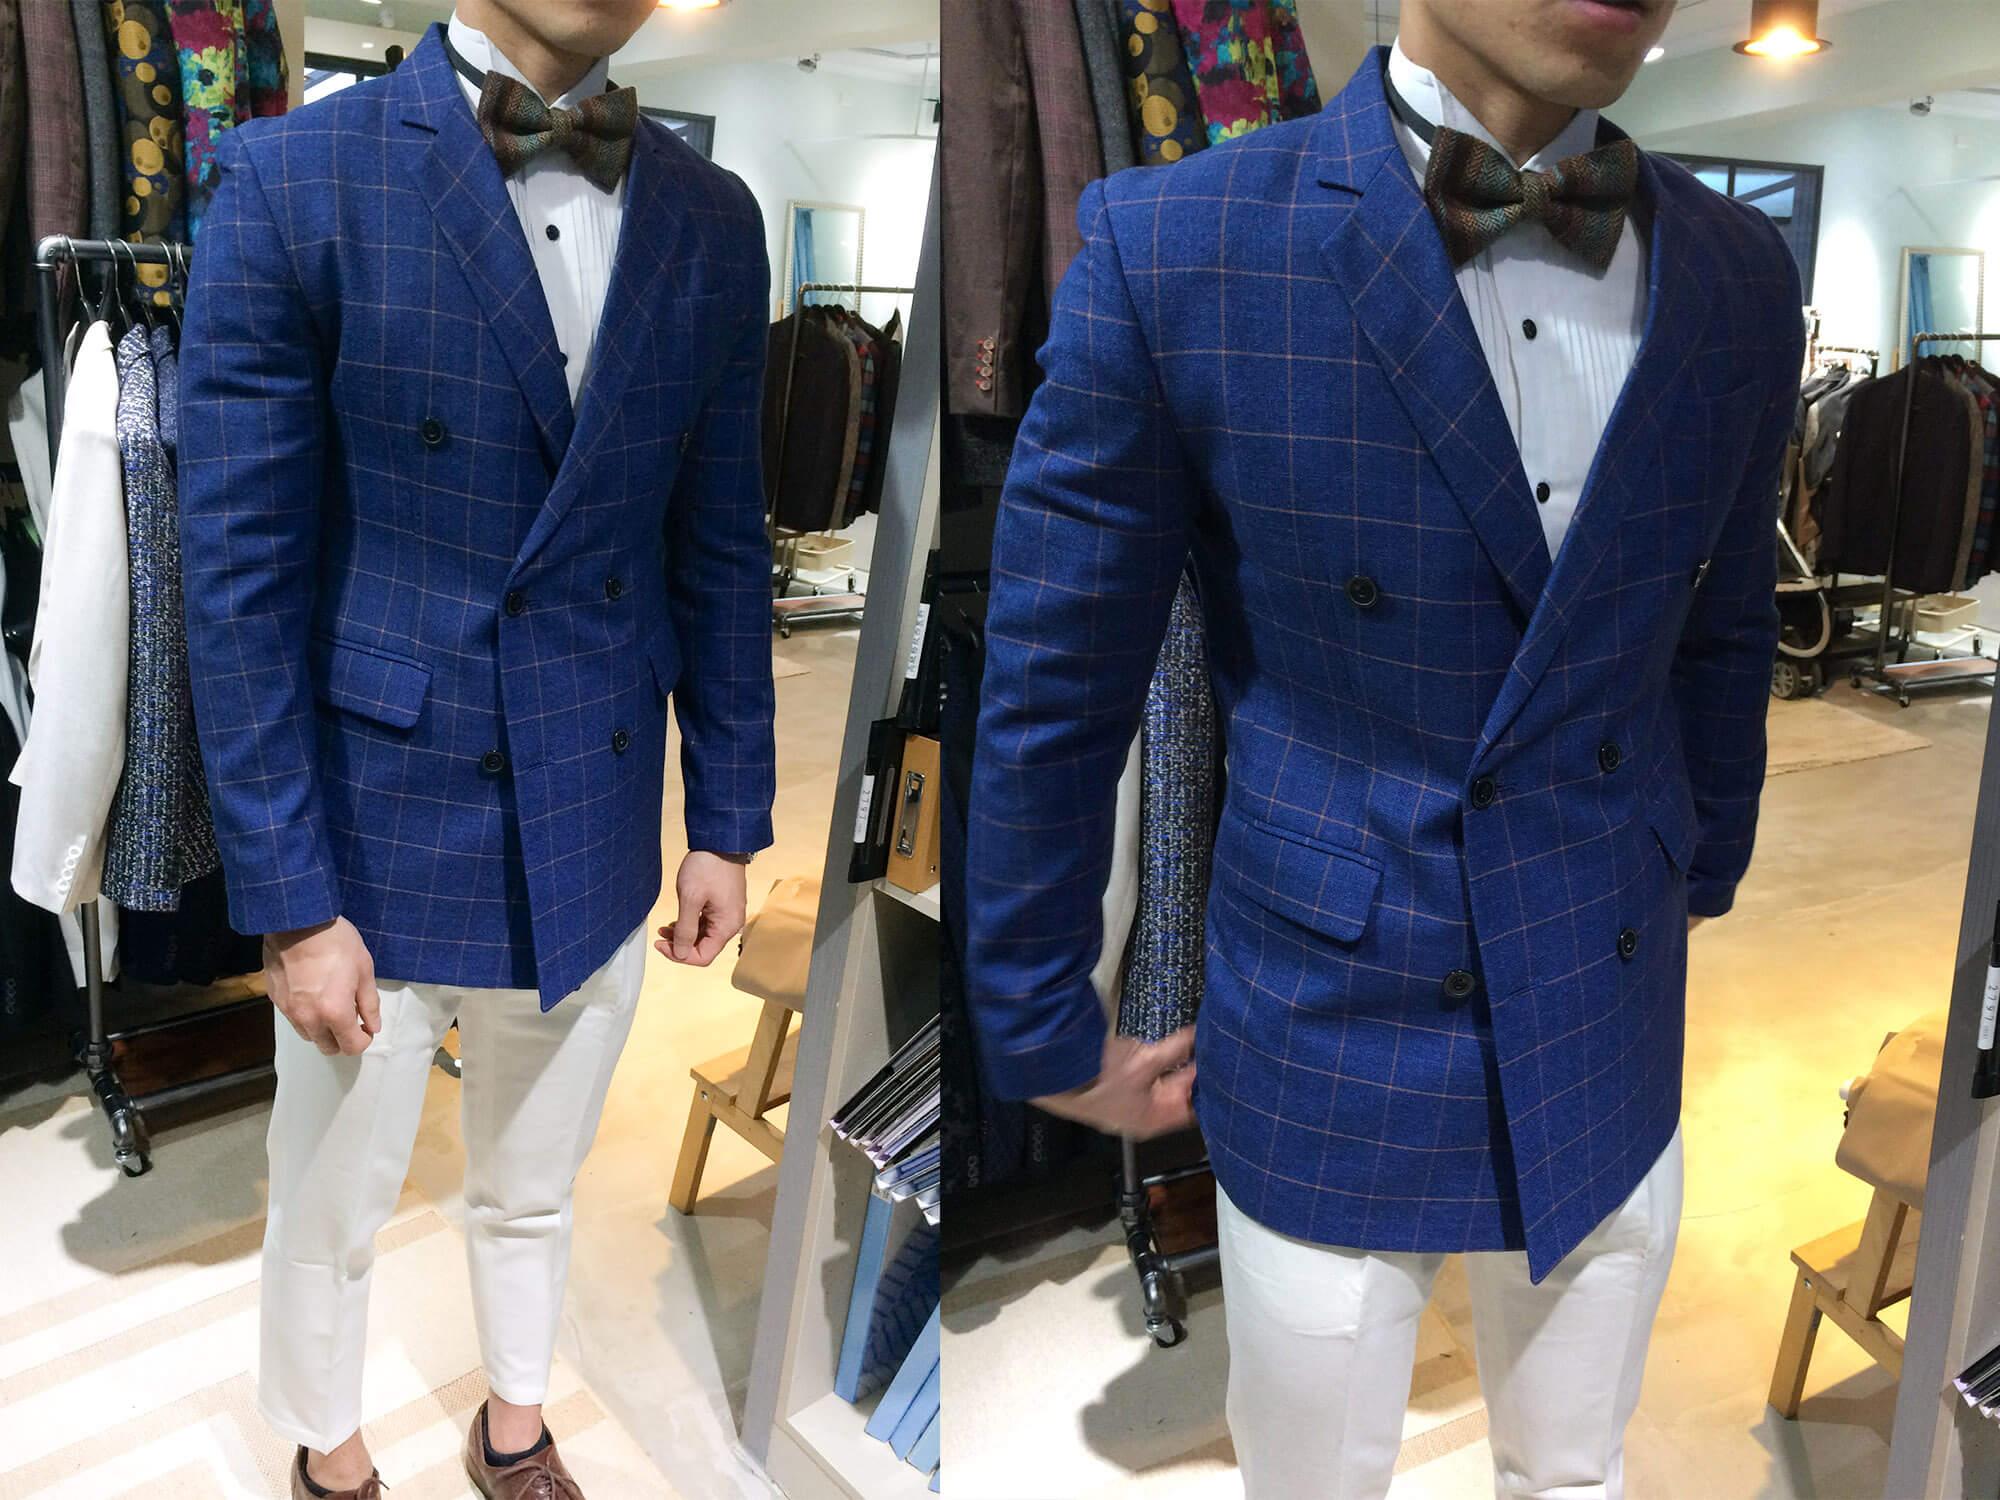 藍底黃線格紋雙釦西裝